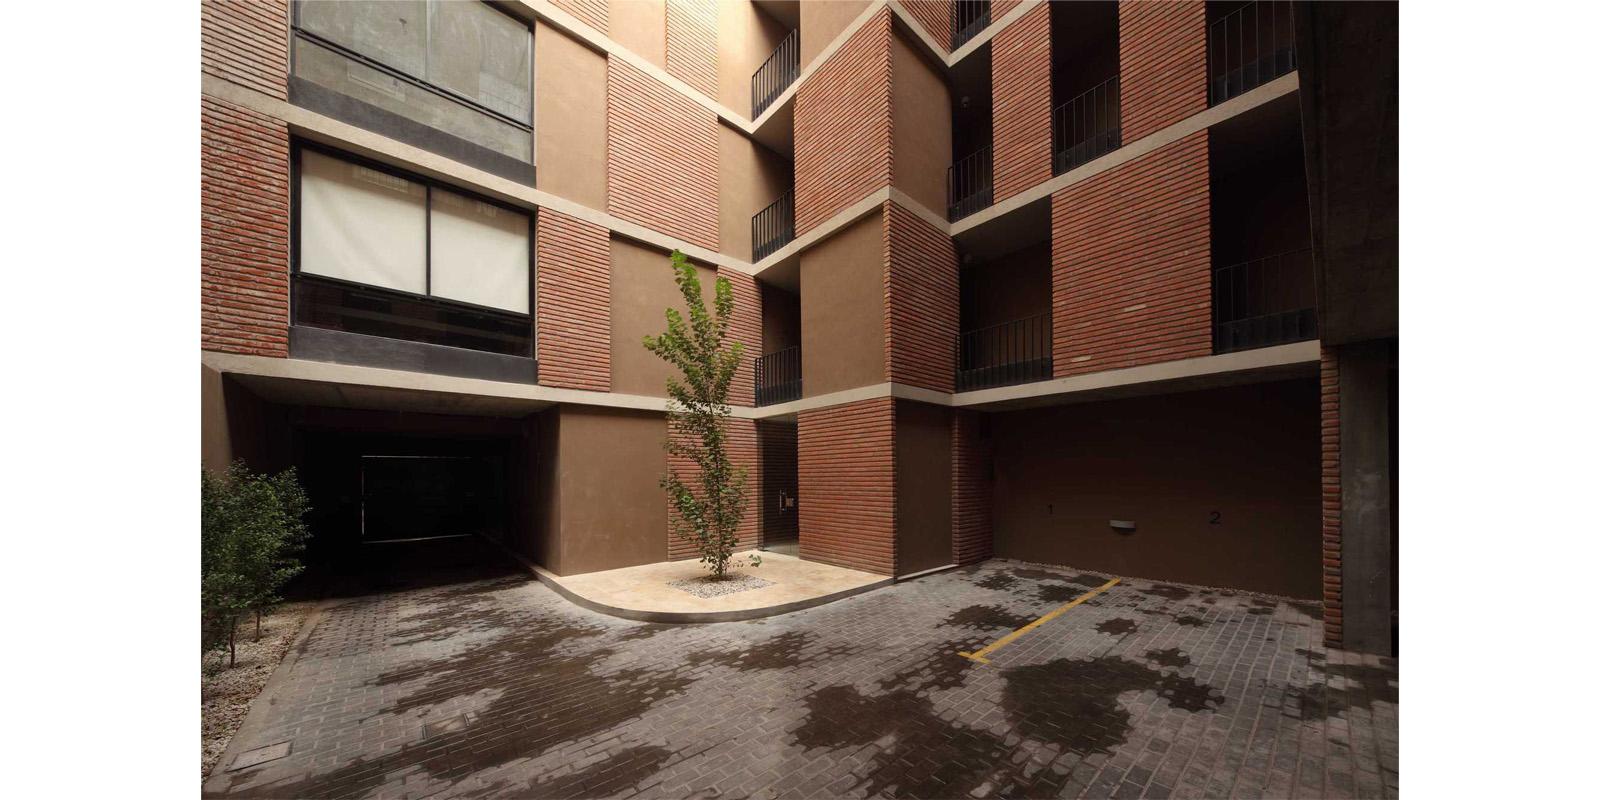 ProyectoC_Arquitectos_Portfolio_06_Vergara